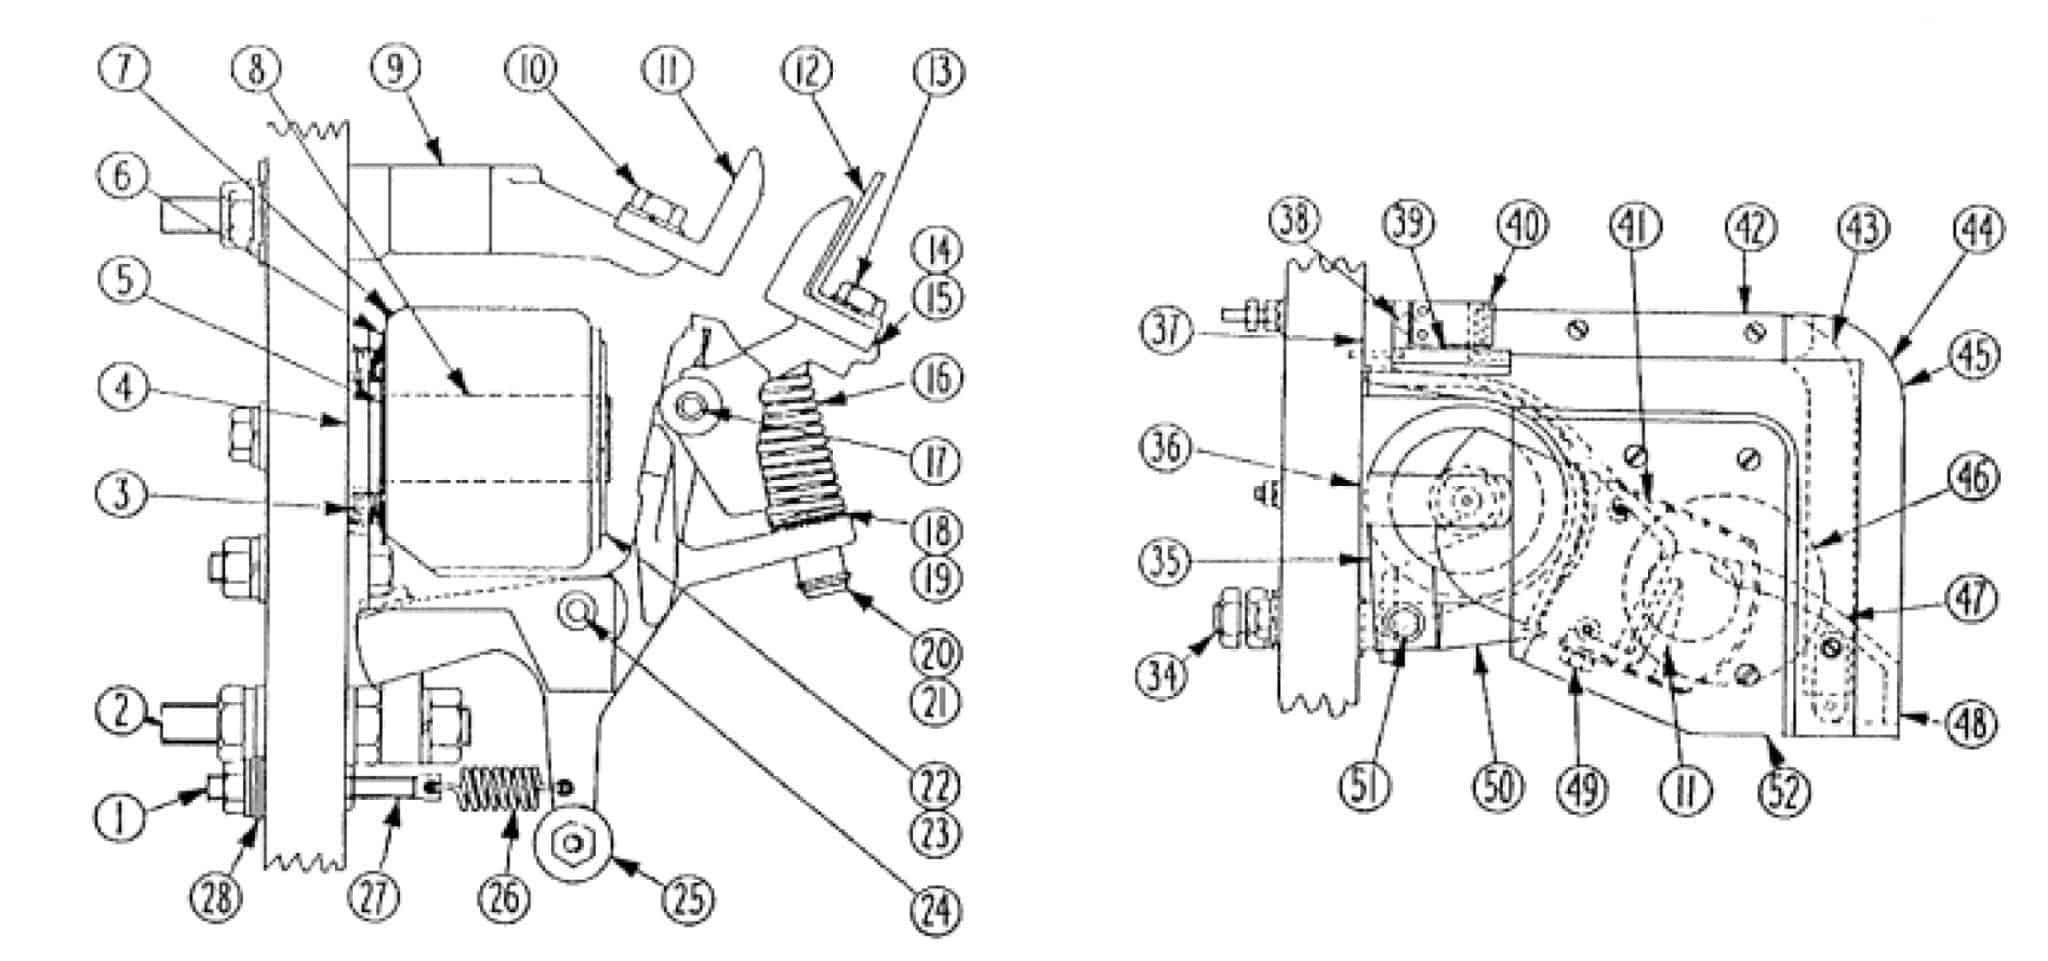 No. 542 300 Amp D-C Contactor